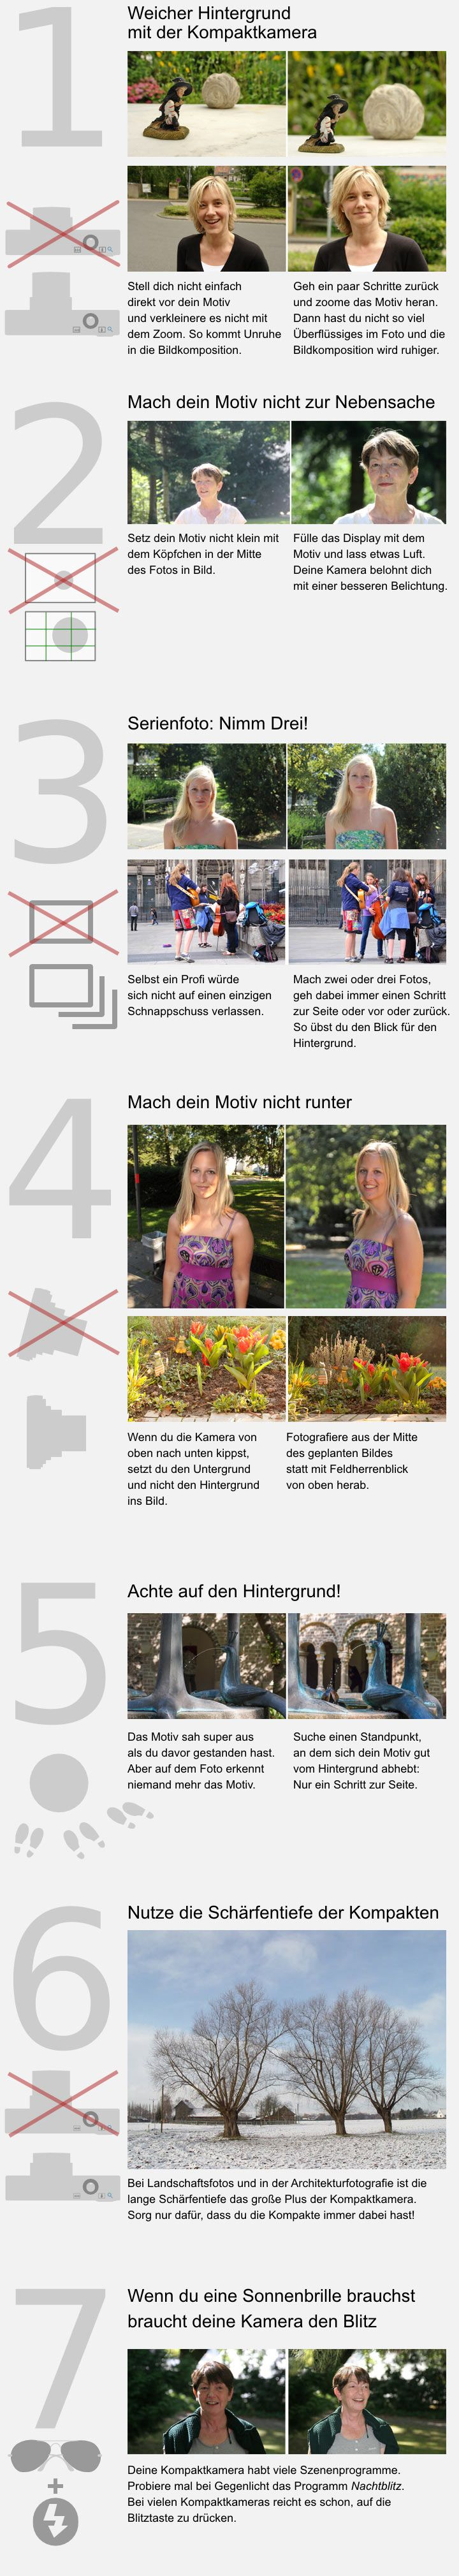 Infografik: Bildgestaltung für Fotos mit der Kompaktkamera  Farbkontrast, Helligkeitskontrast, Größenkontrast.